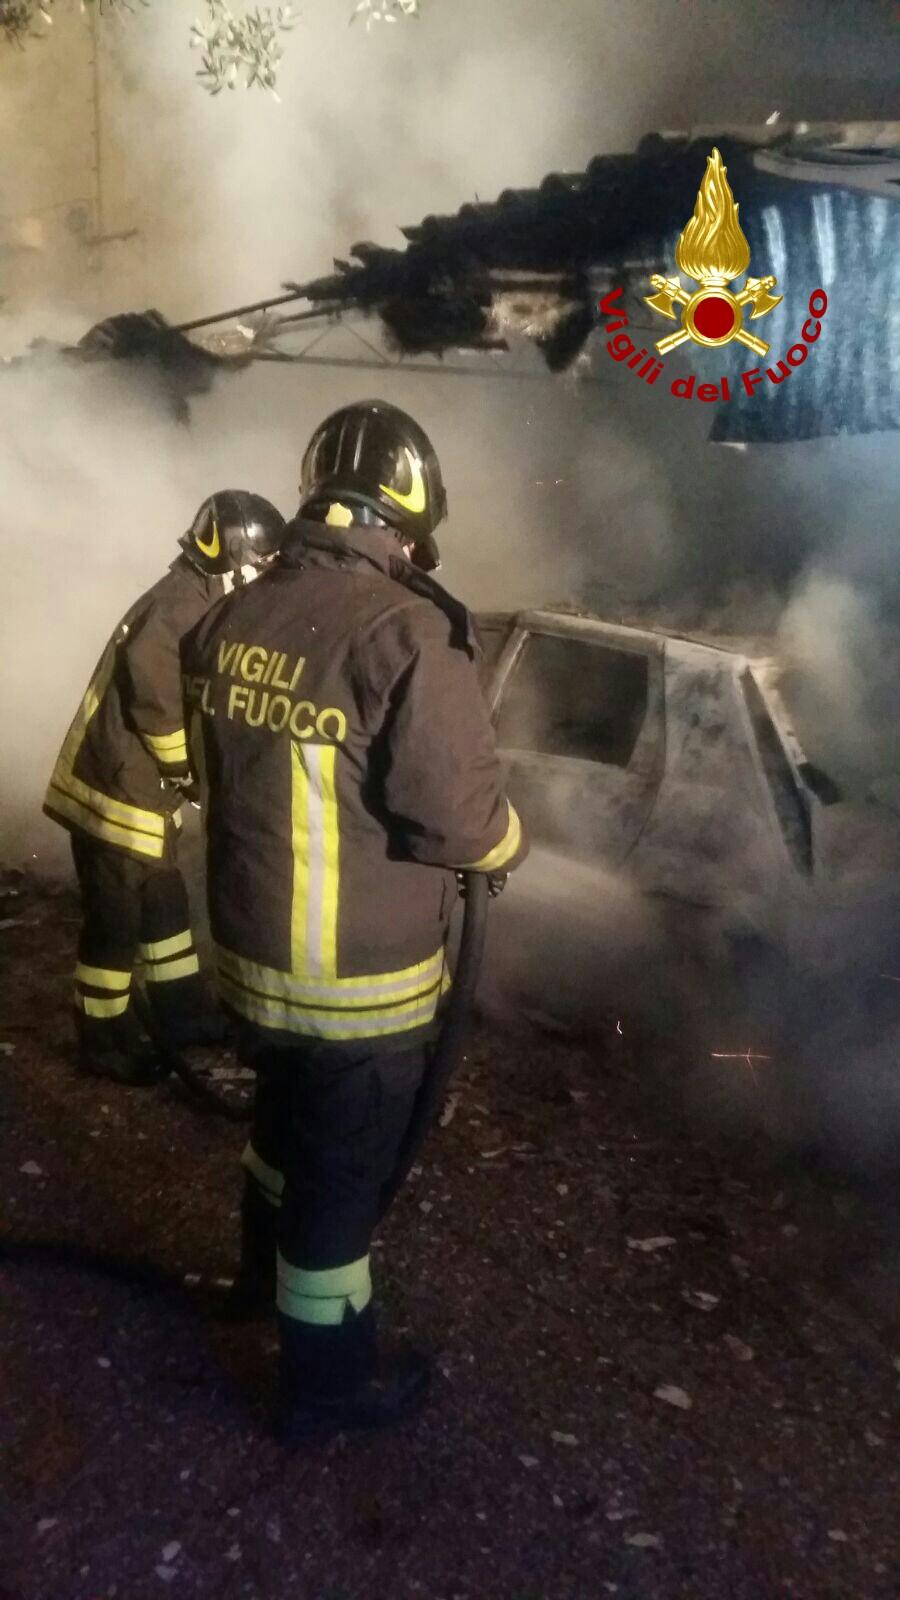 Intimidazione nel Crotonese, a fuoco auto dei parrociIndagini dei carabinieri sull'incendio davanti la chiesa